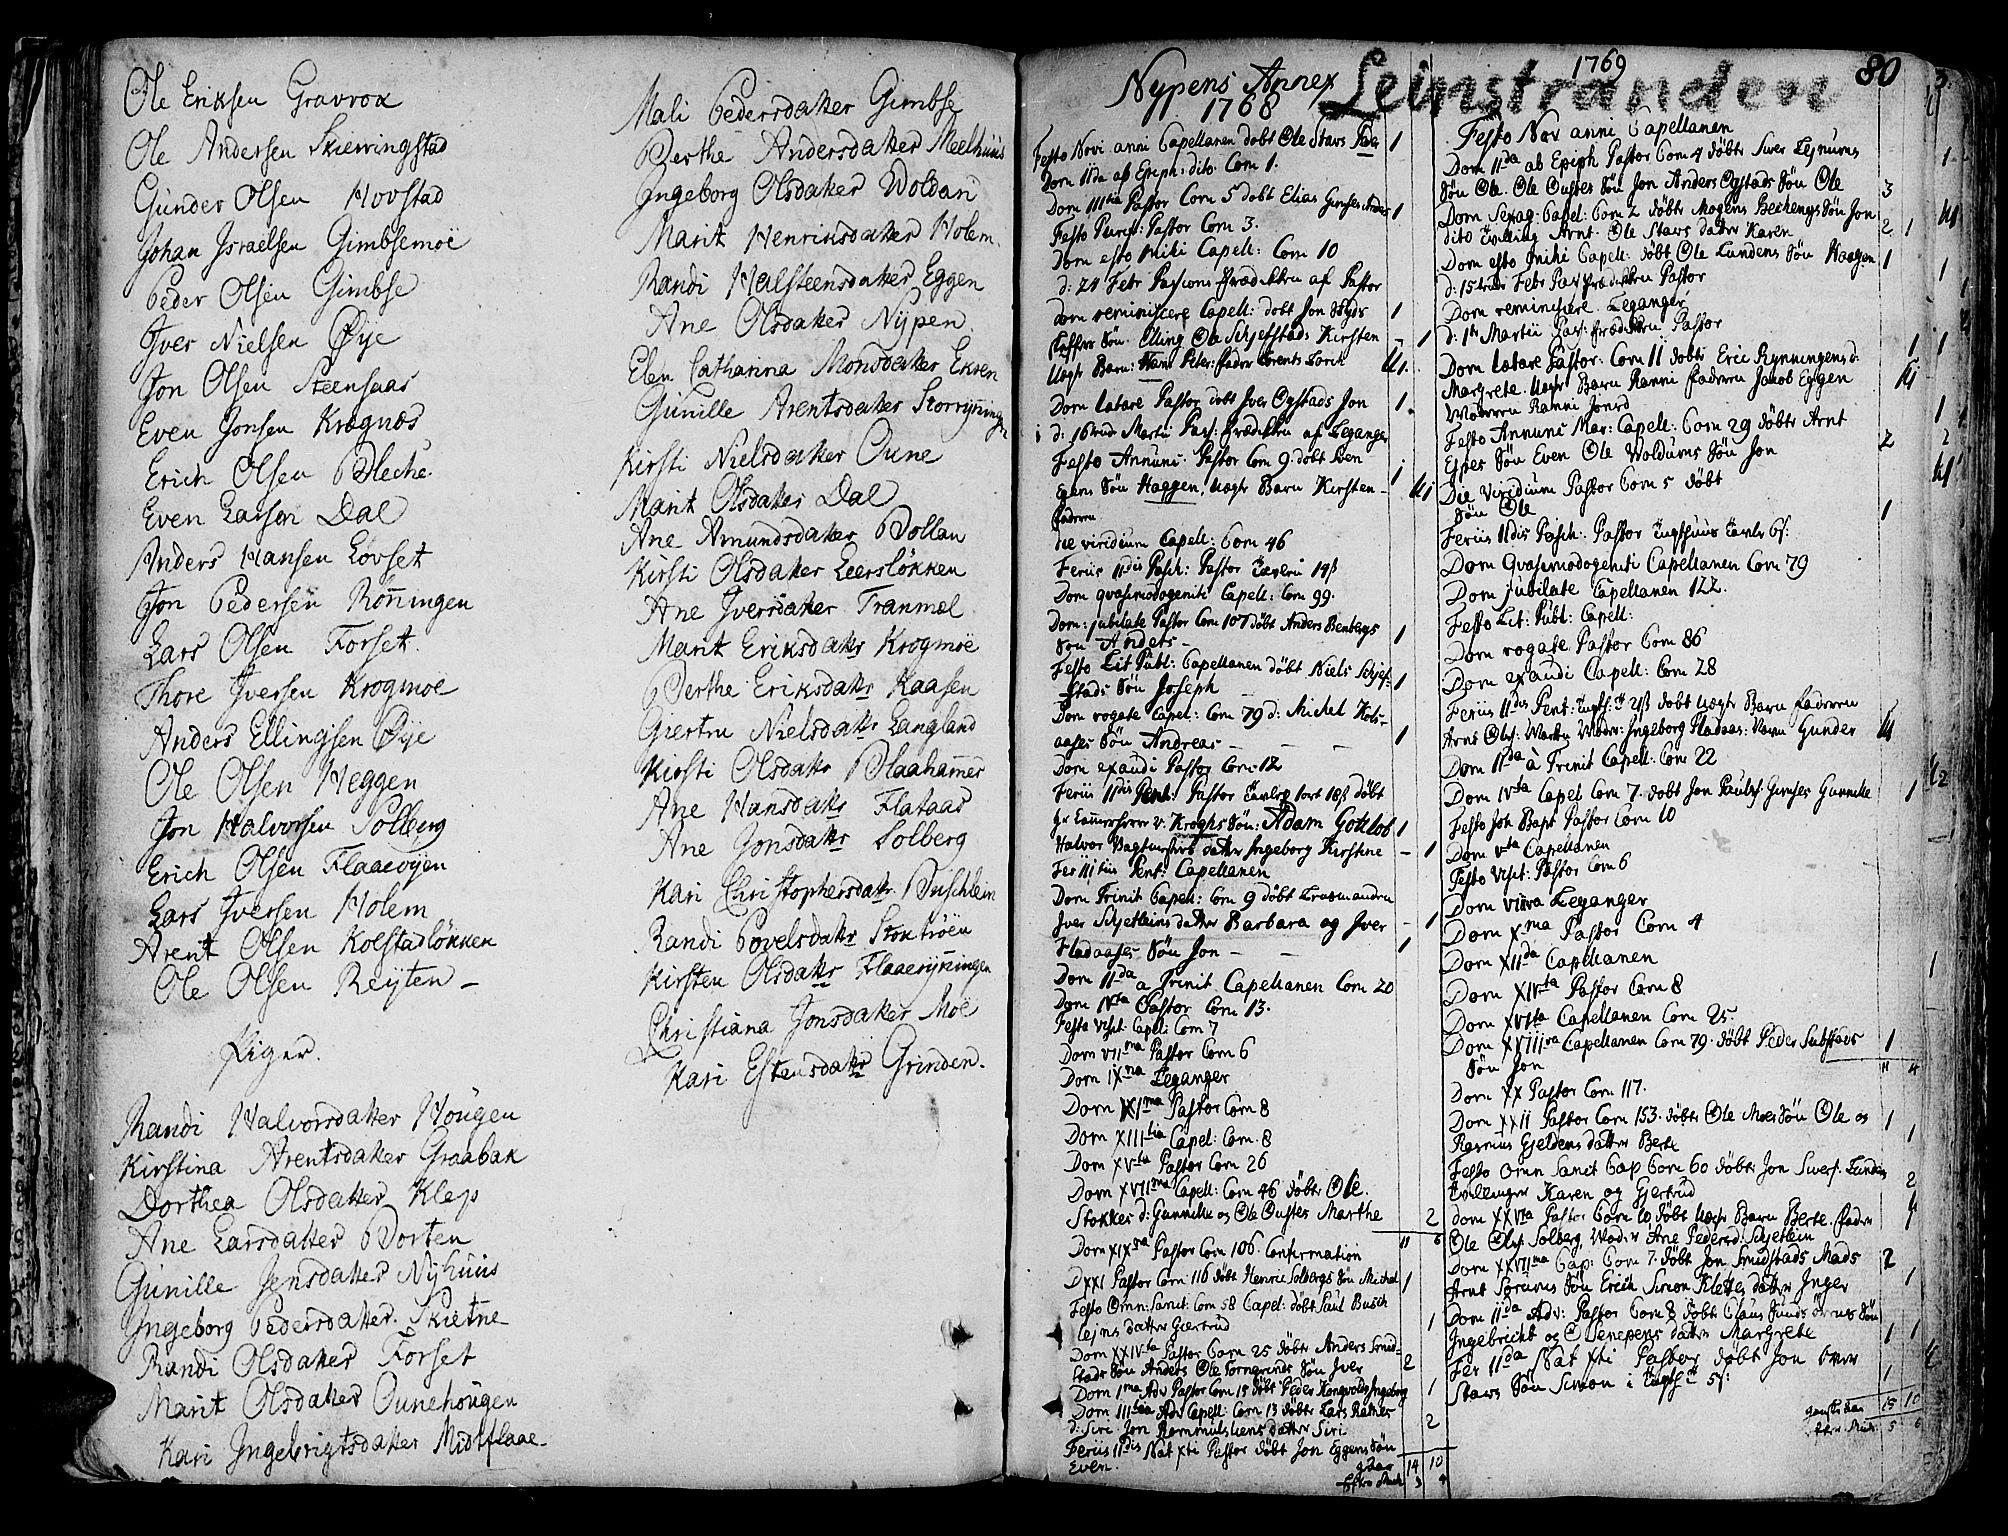 SAT, Ministerialprotokoller, klokkerbøker og fødselsregistre - Sør-Trøndelag, 691/L1061: Ministerialbok nr. 691A02 /1, 1768-1815, s. 80